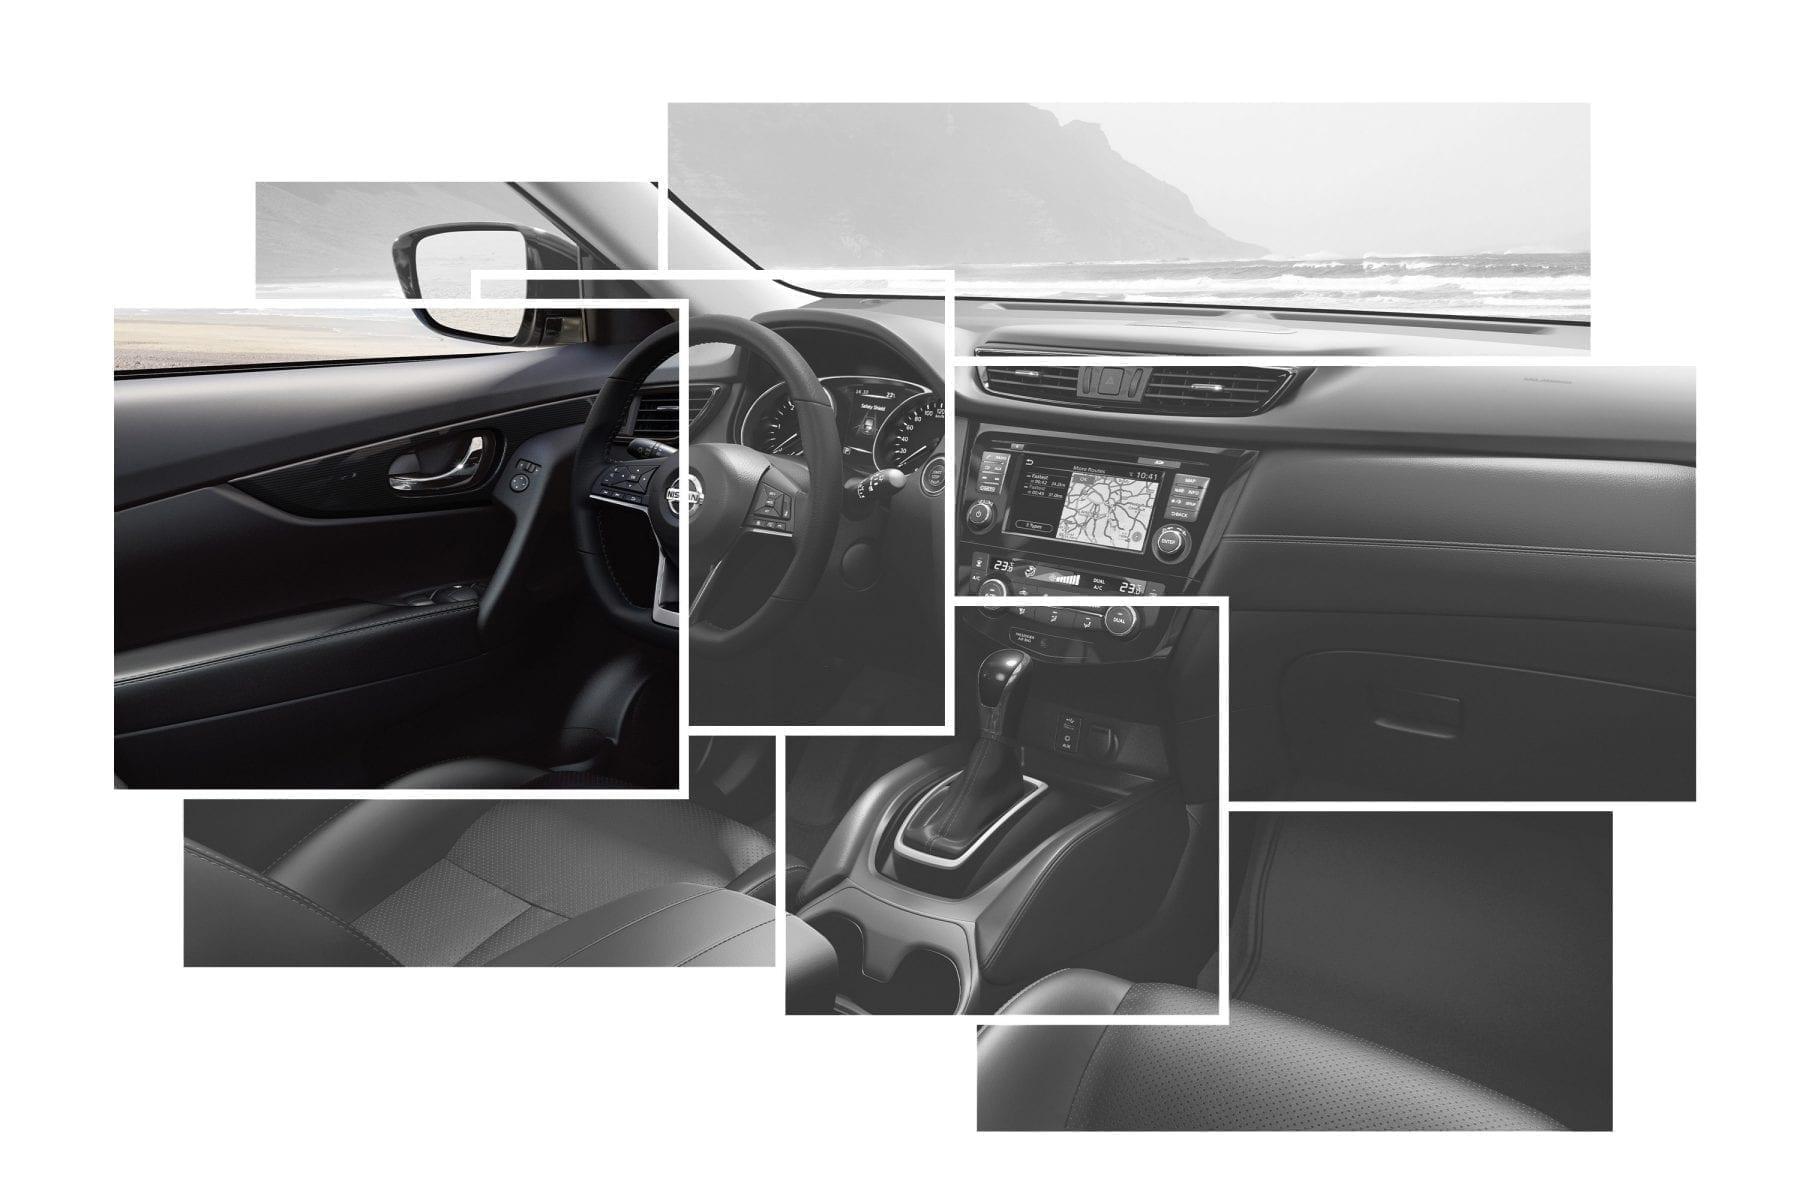 diseño interior del Nissan X Trail y dimensiones